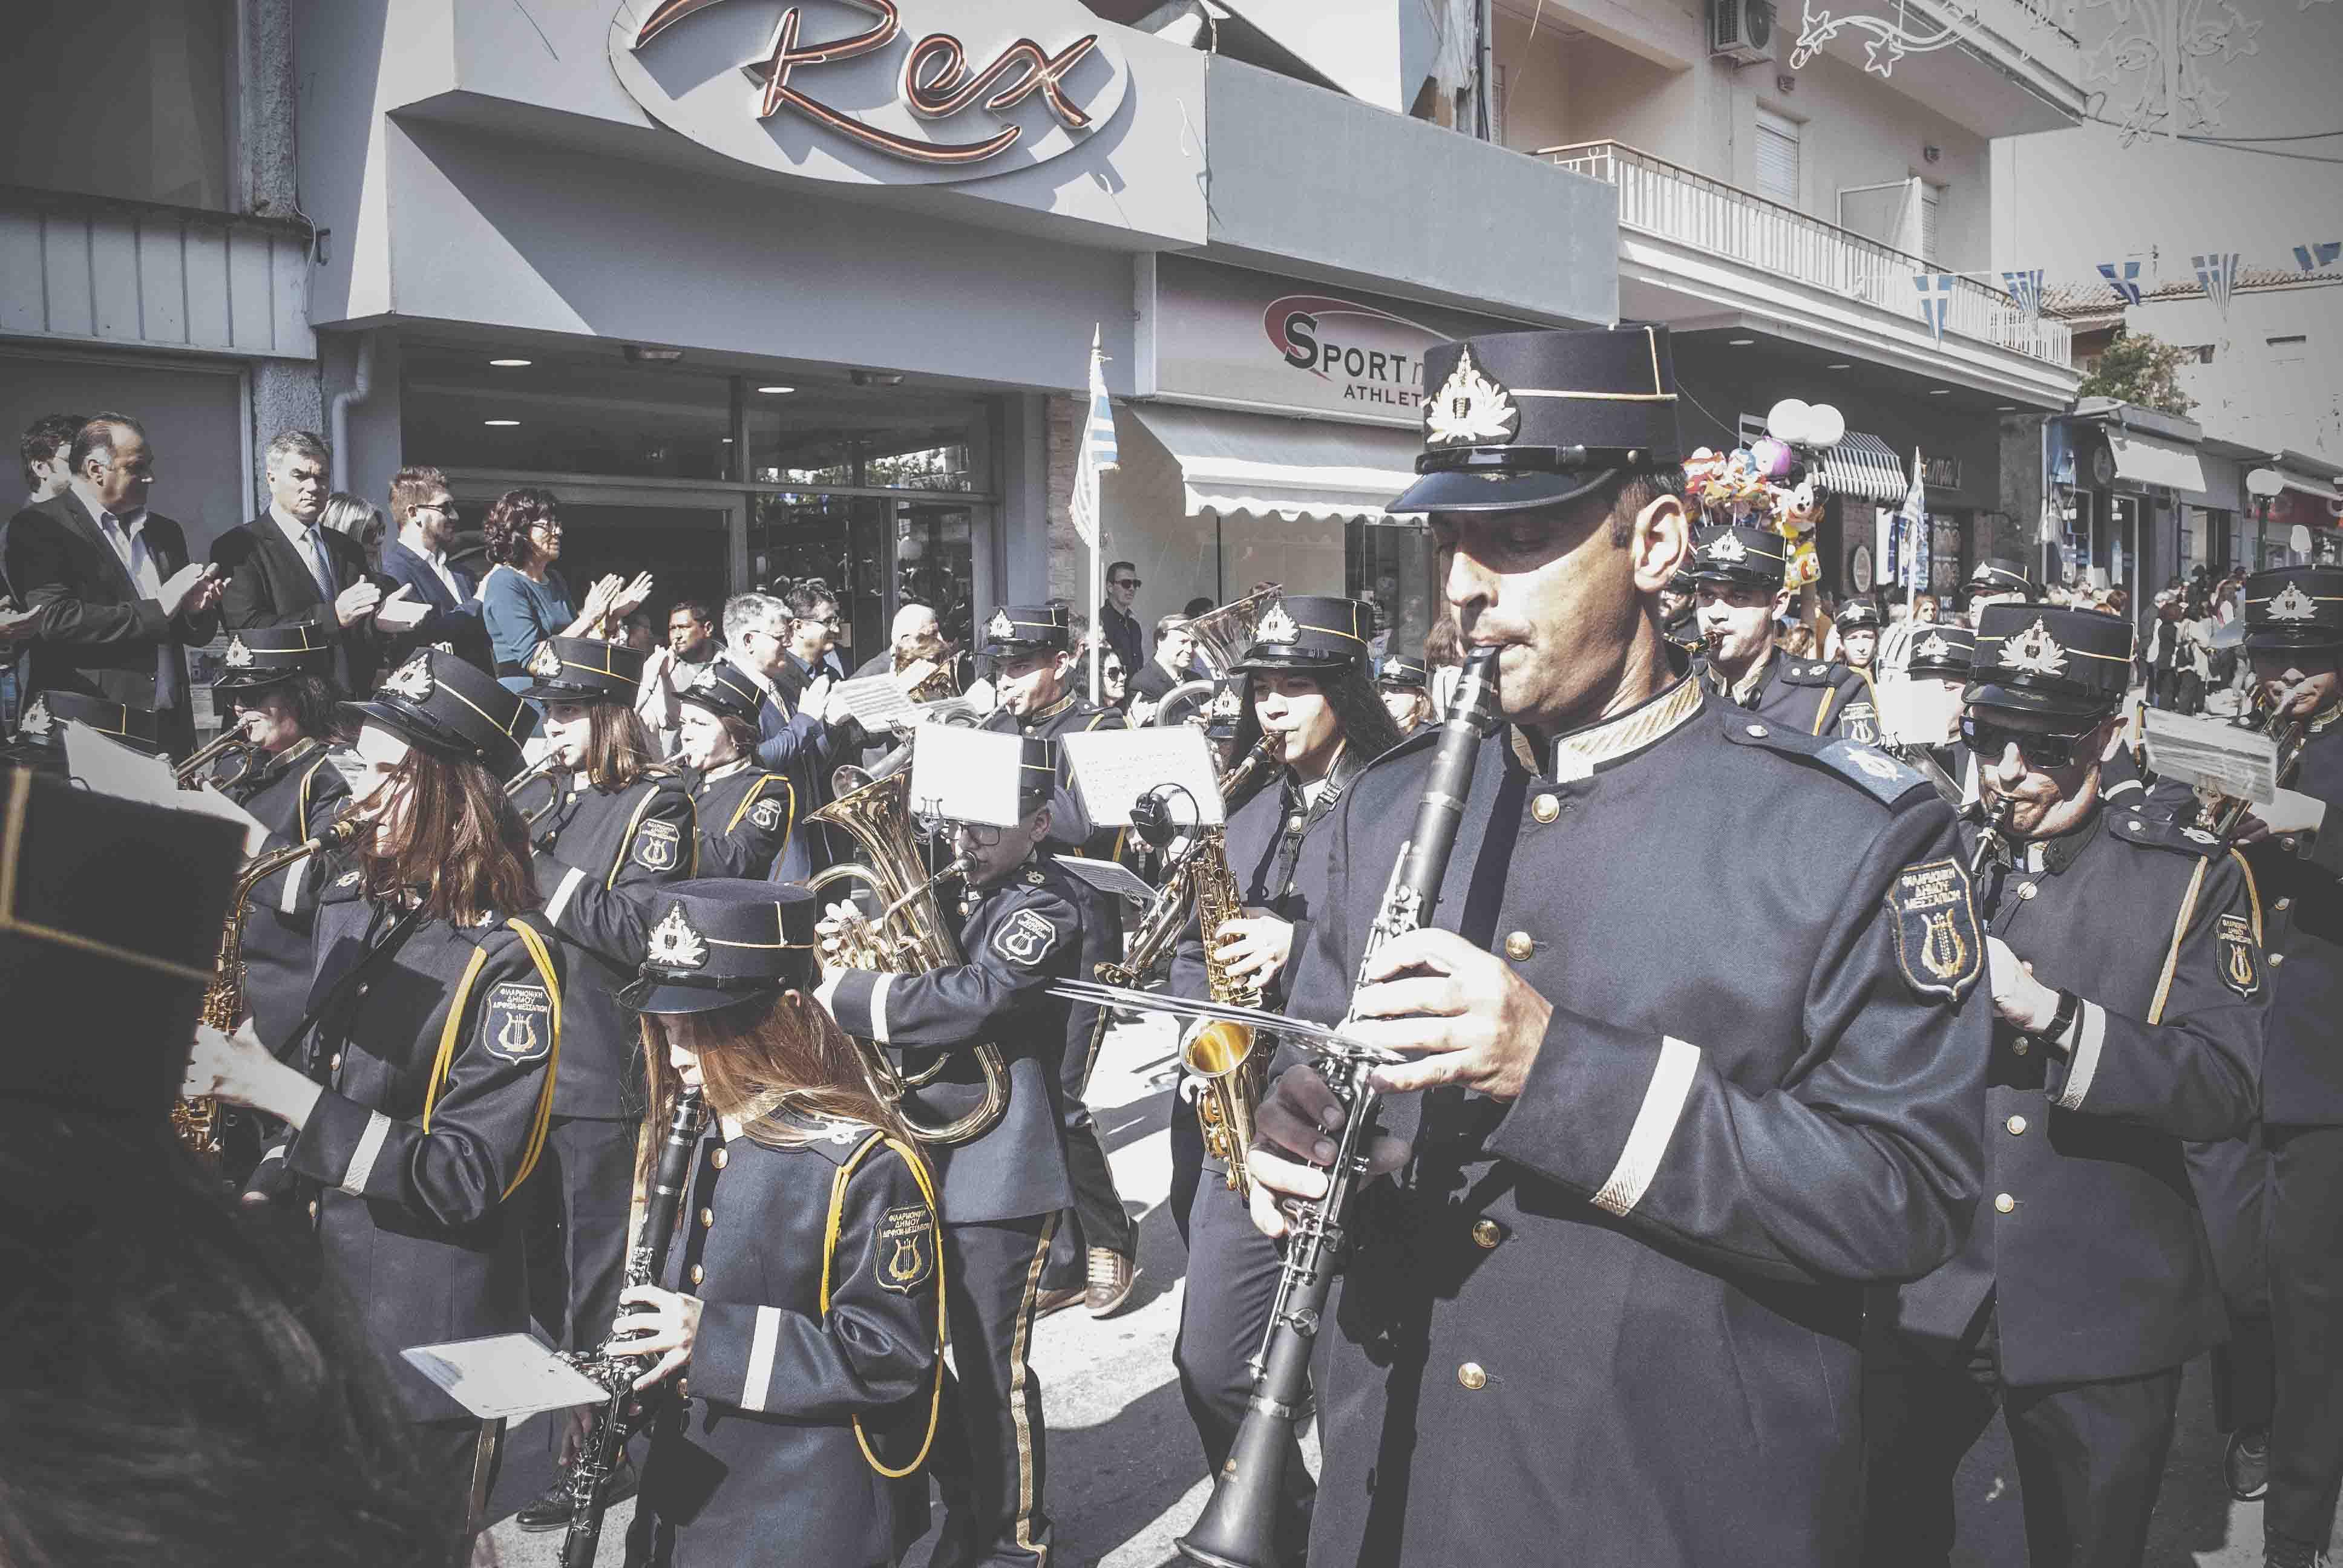 Φωτογραφικό υλικό από την παρέλαση στα Ψαχνά DSC 0312  Η παρέλαση της 28ης Οκτωβρίου σε Καστέλλα και Ψαχνά (φωτό) DSC 0312